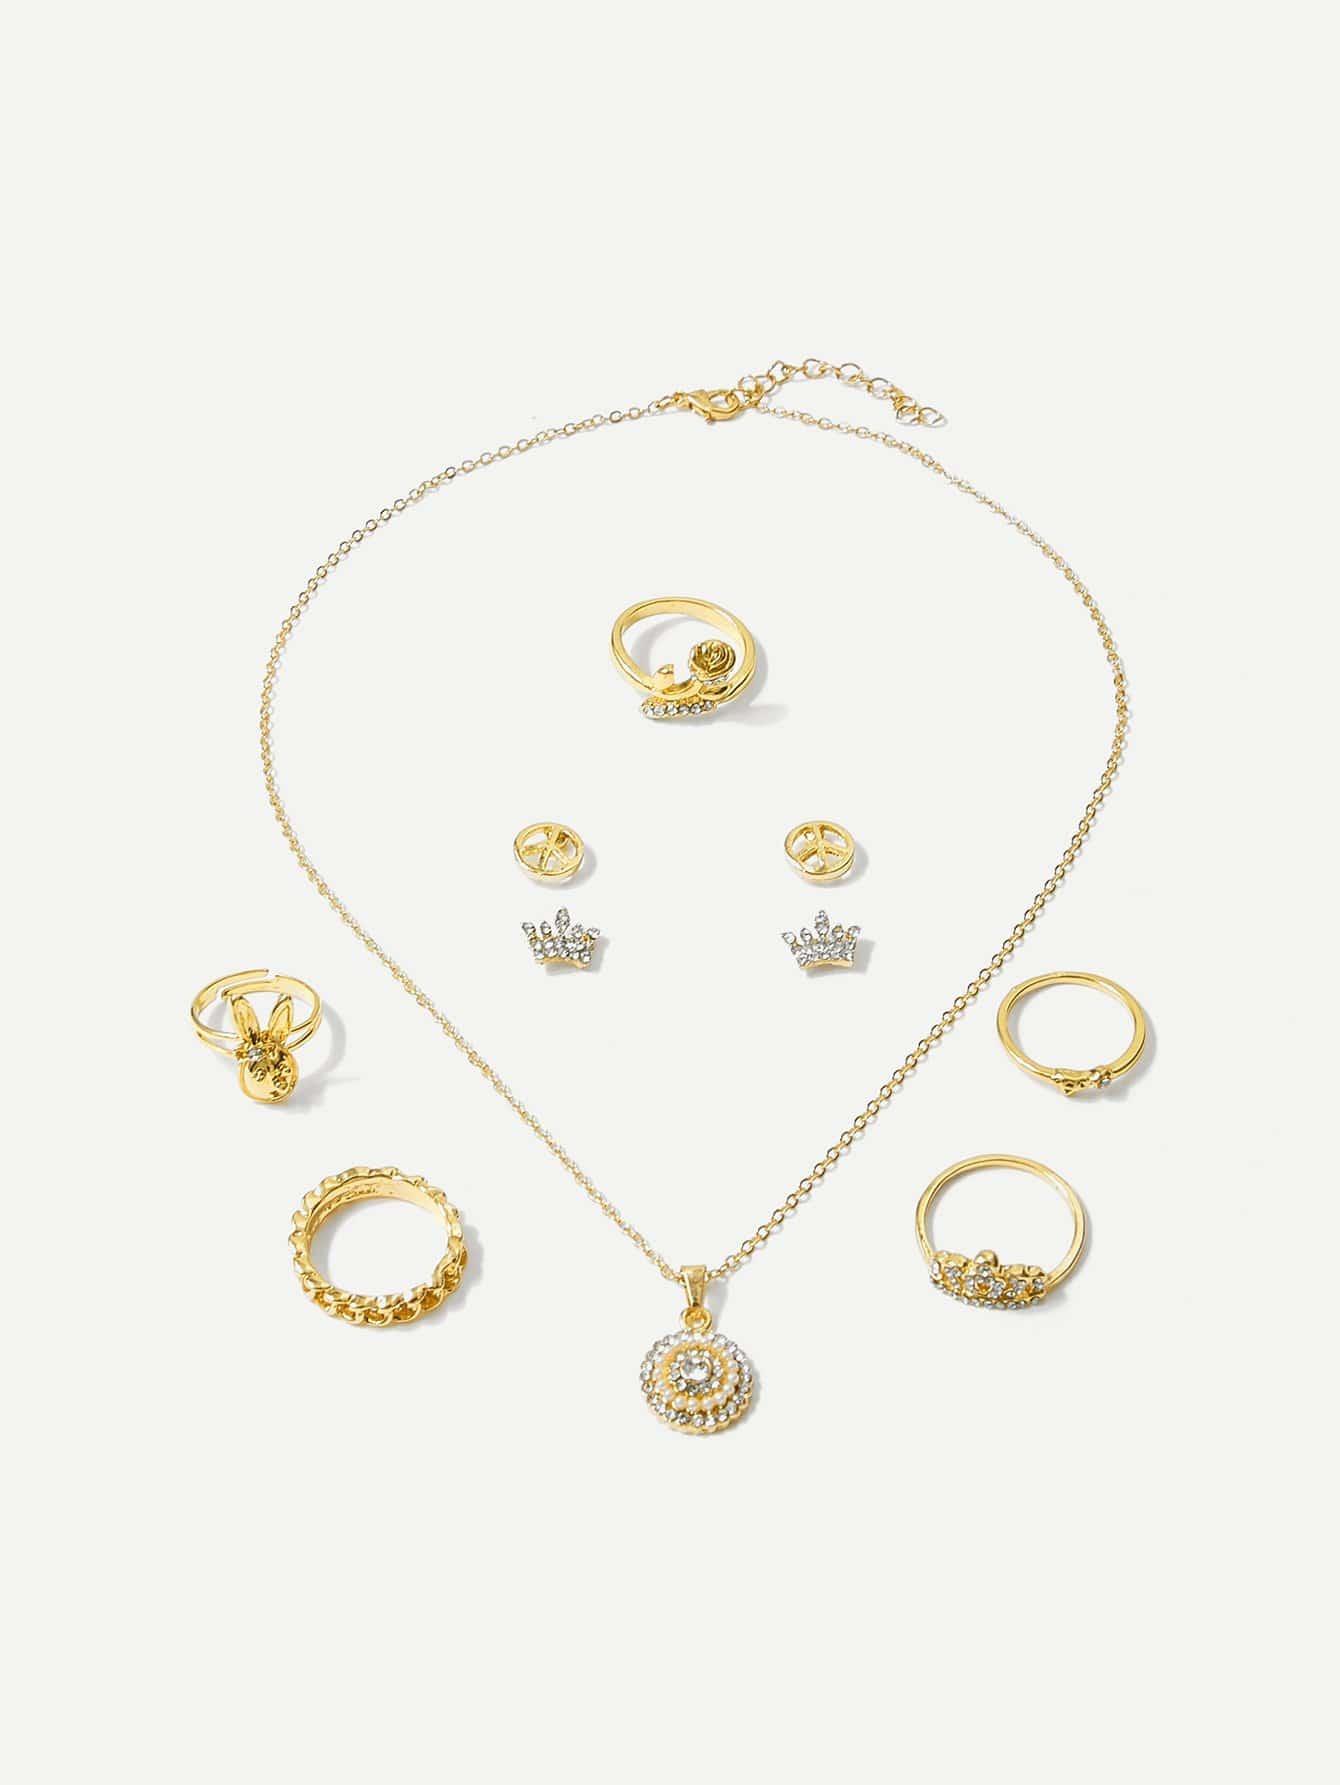 Halskette 1pcs mit Ohrringe 2 Paare und Ring 5pcs